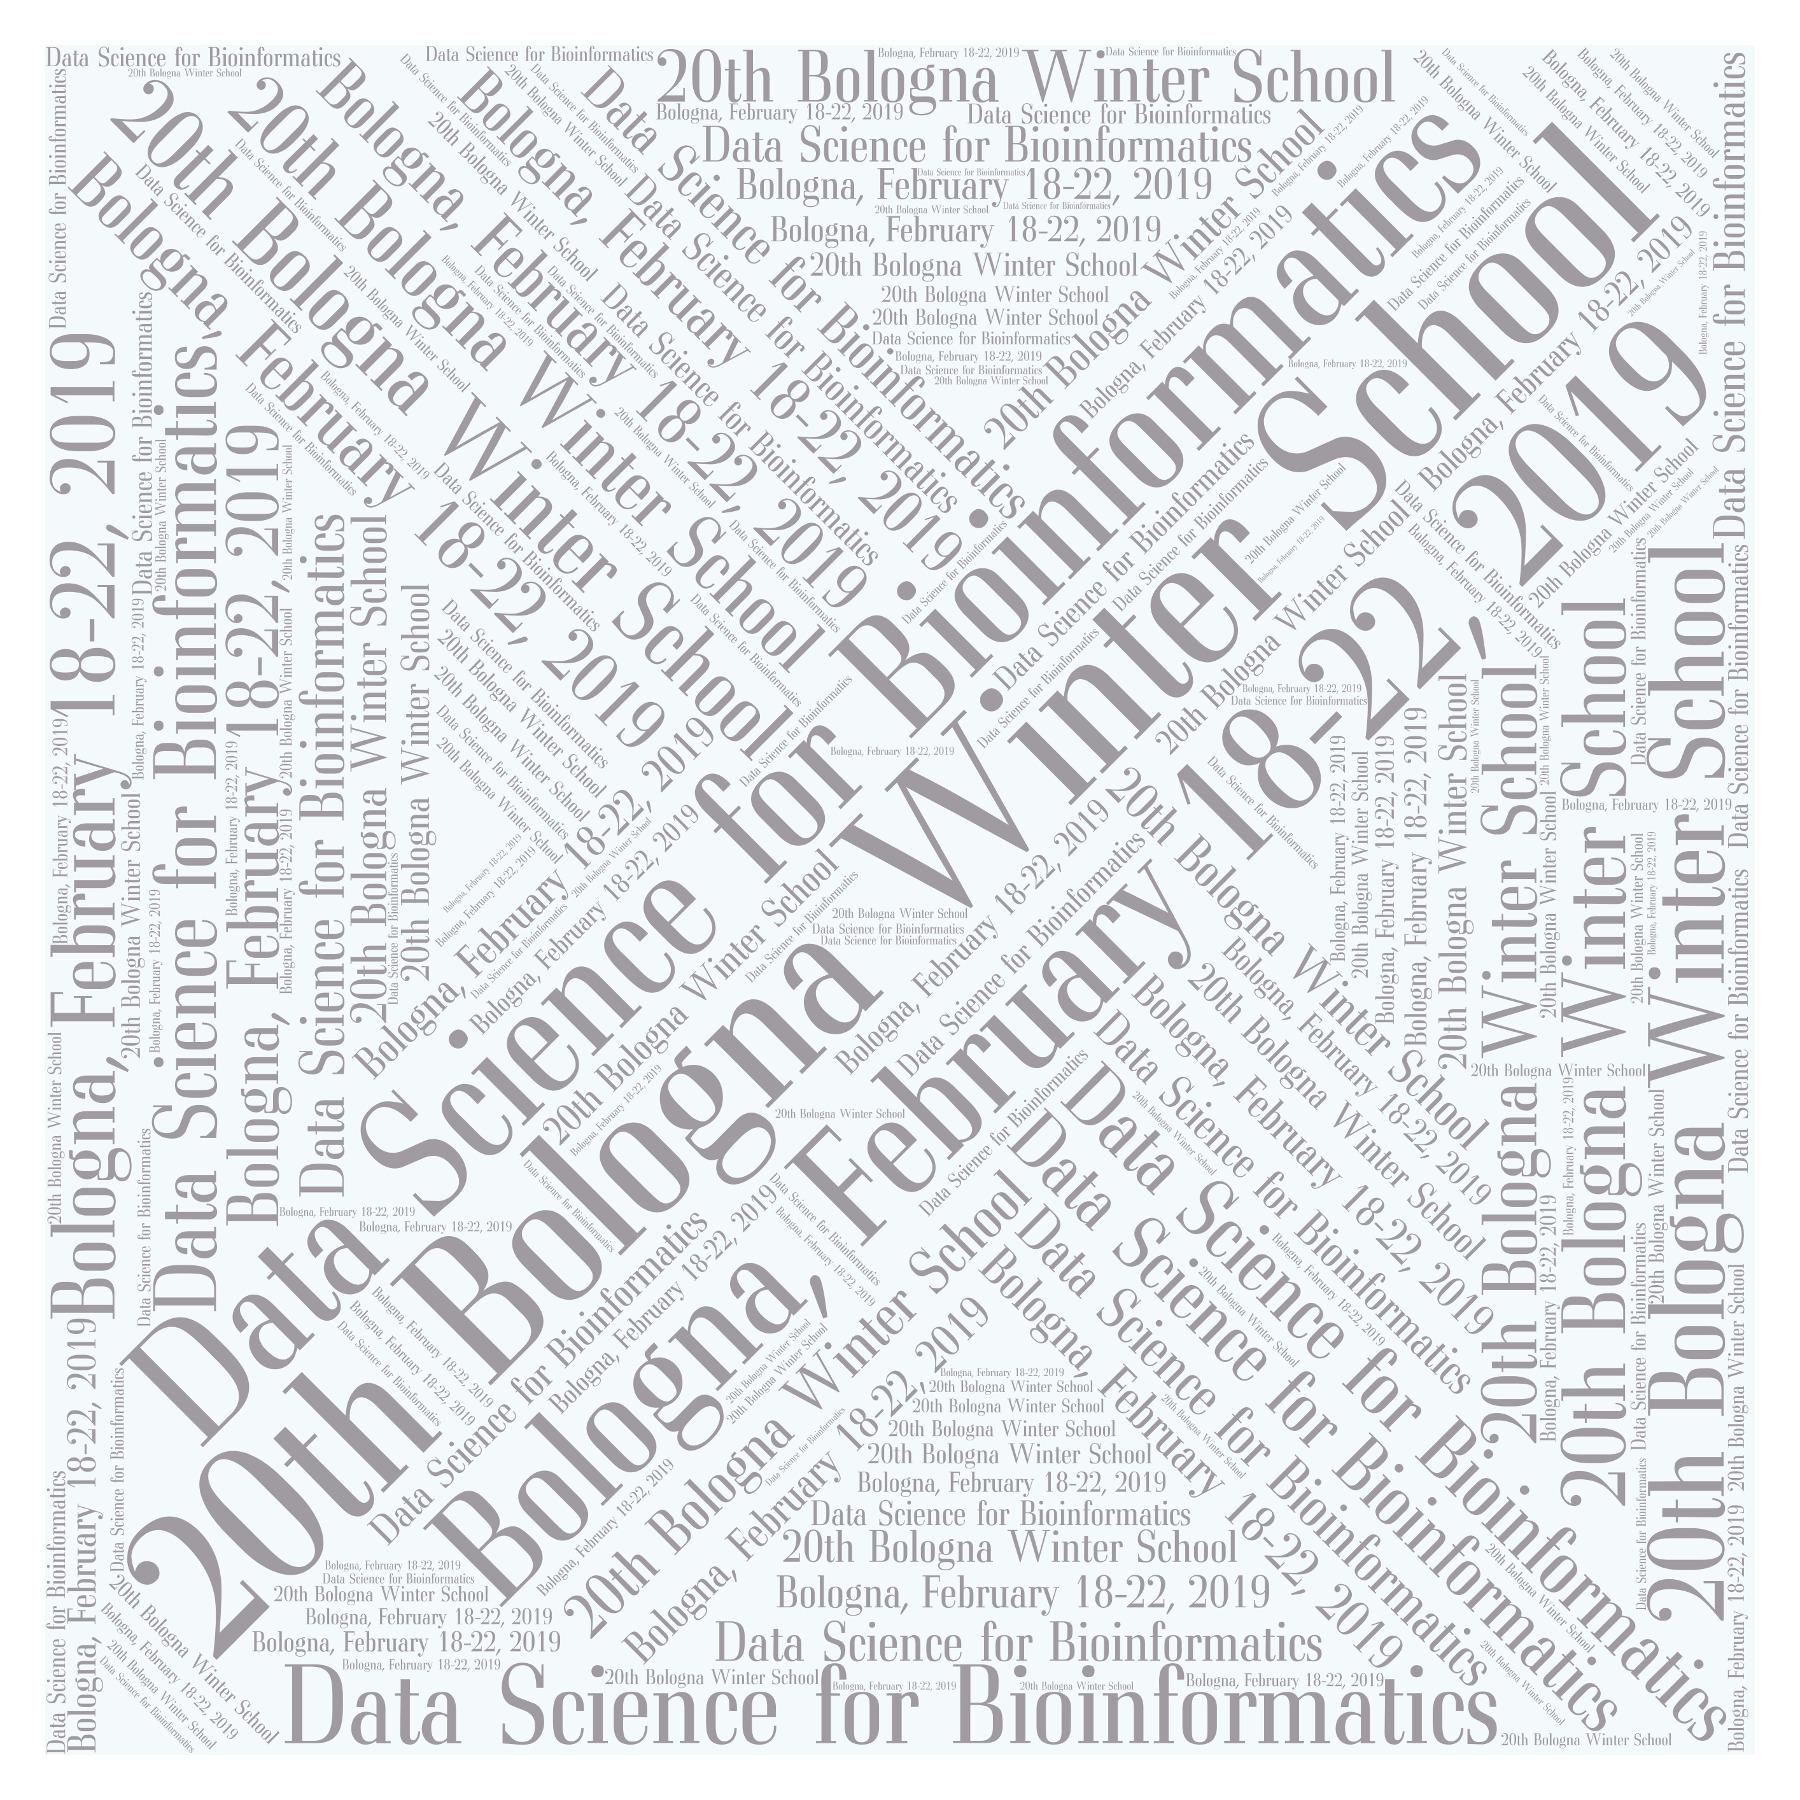 20th Bologna Winter School   Data Science for Bioinformatics